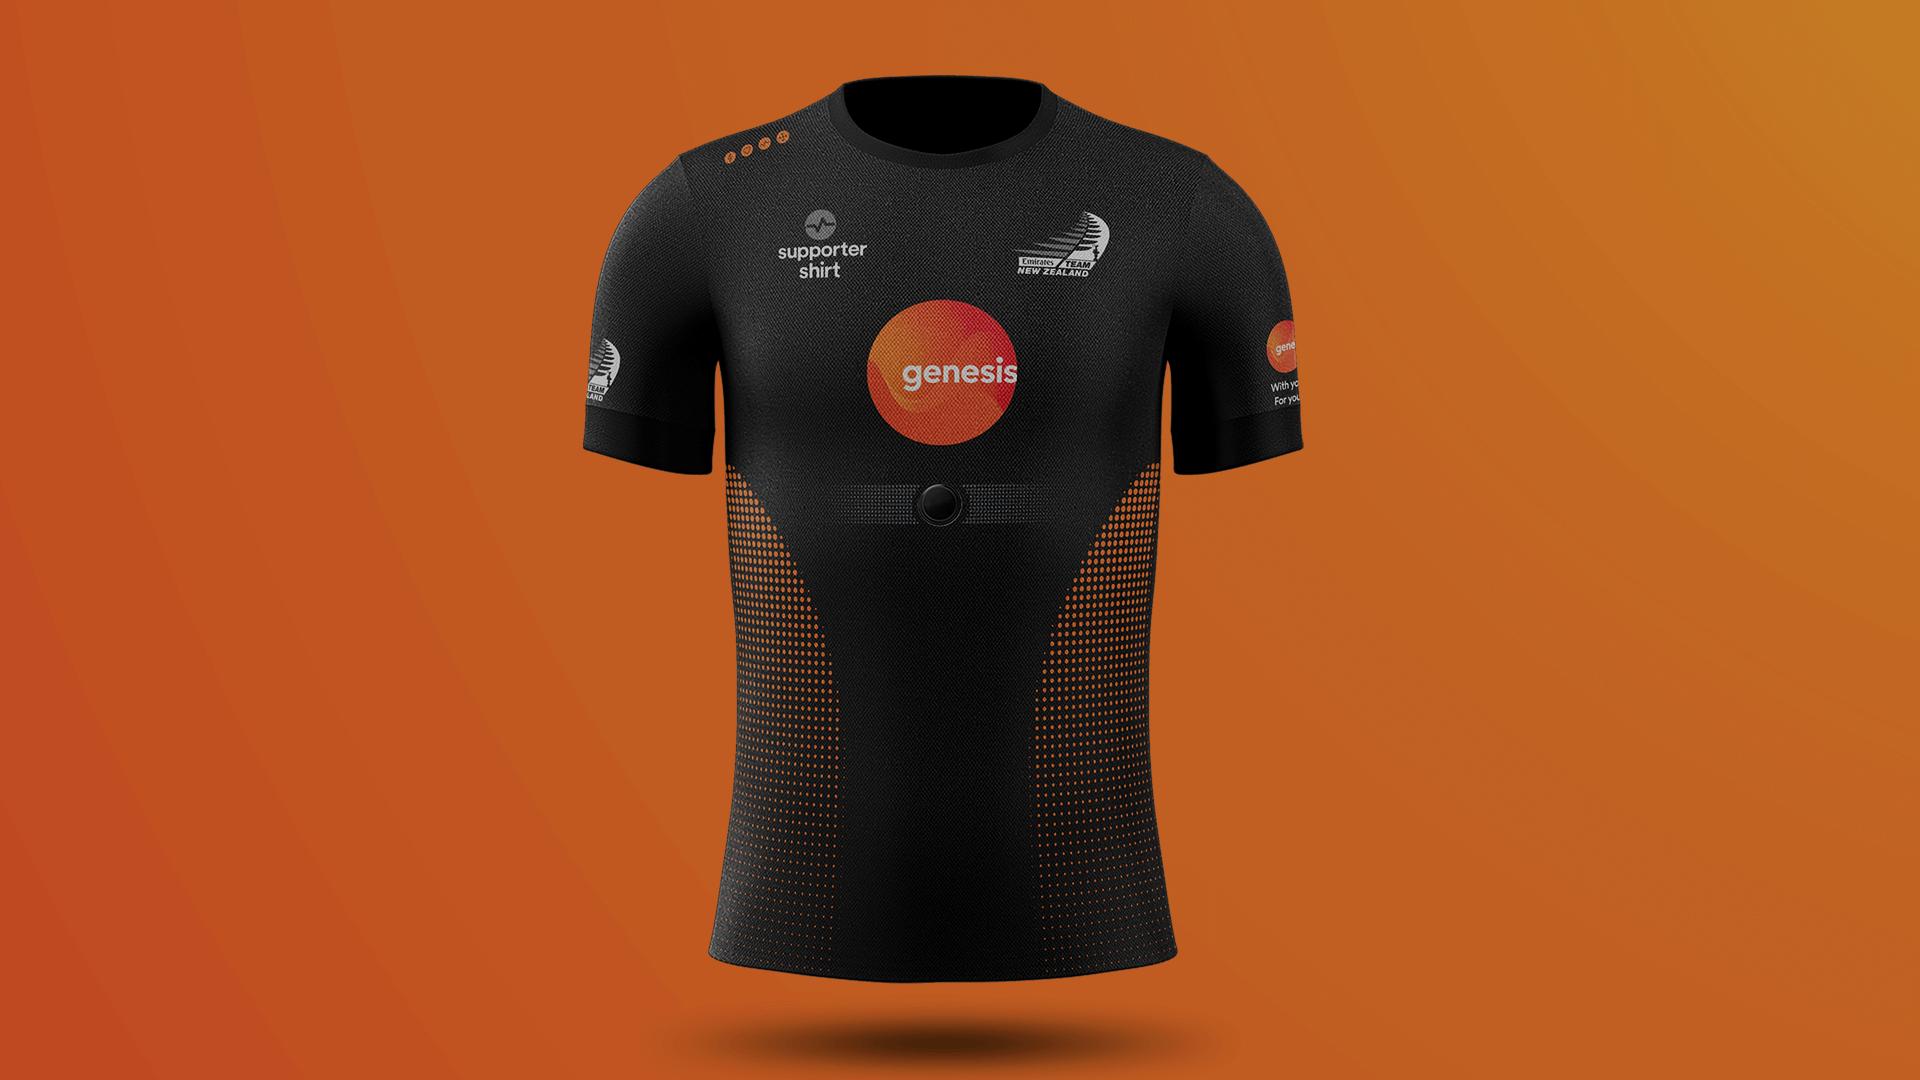 Genesis Energy & Emirates Team New Zealand Supports Shirt